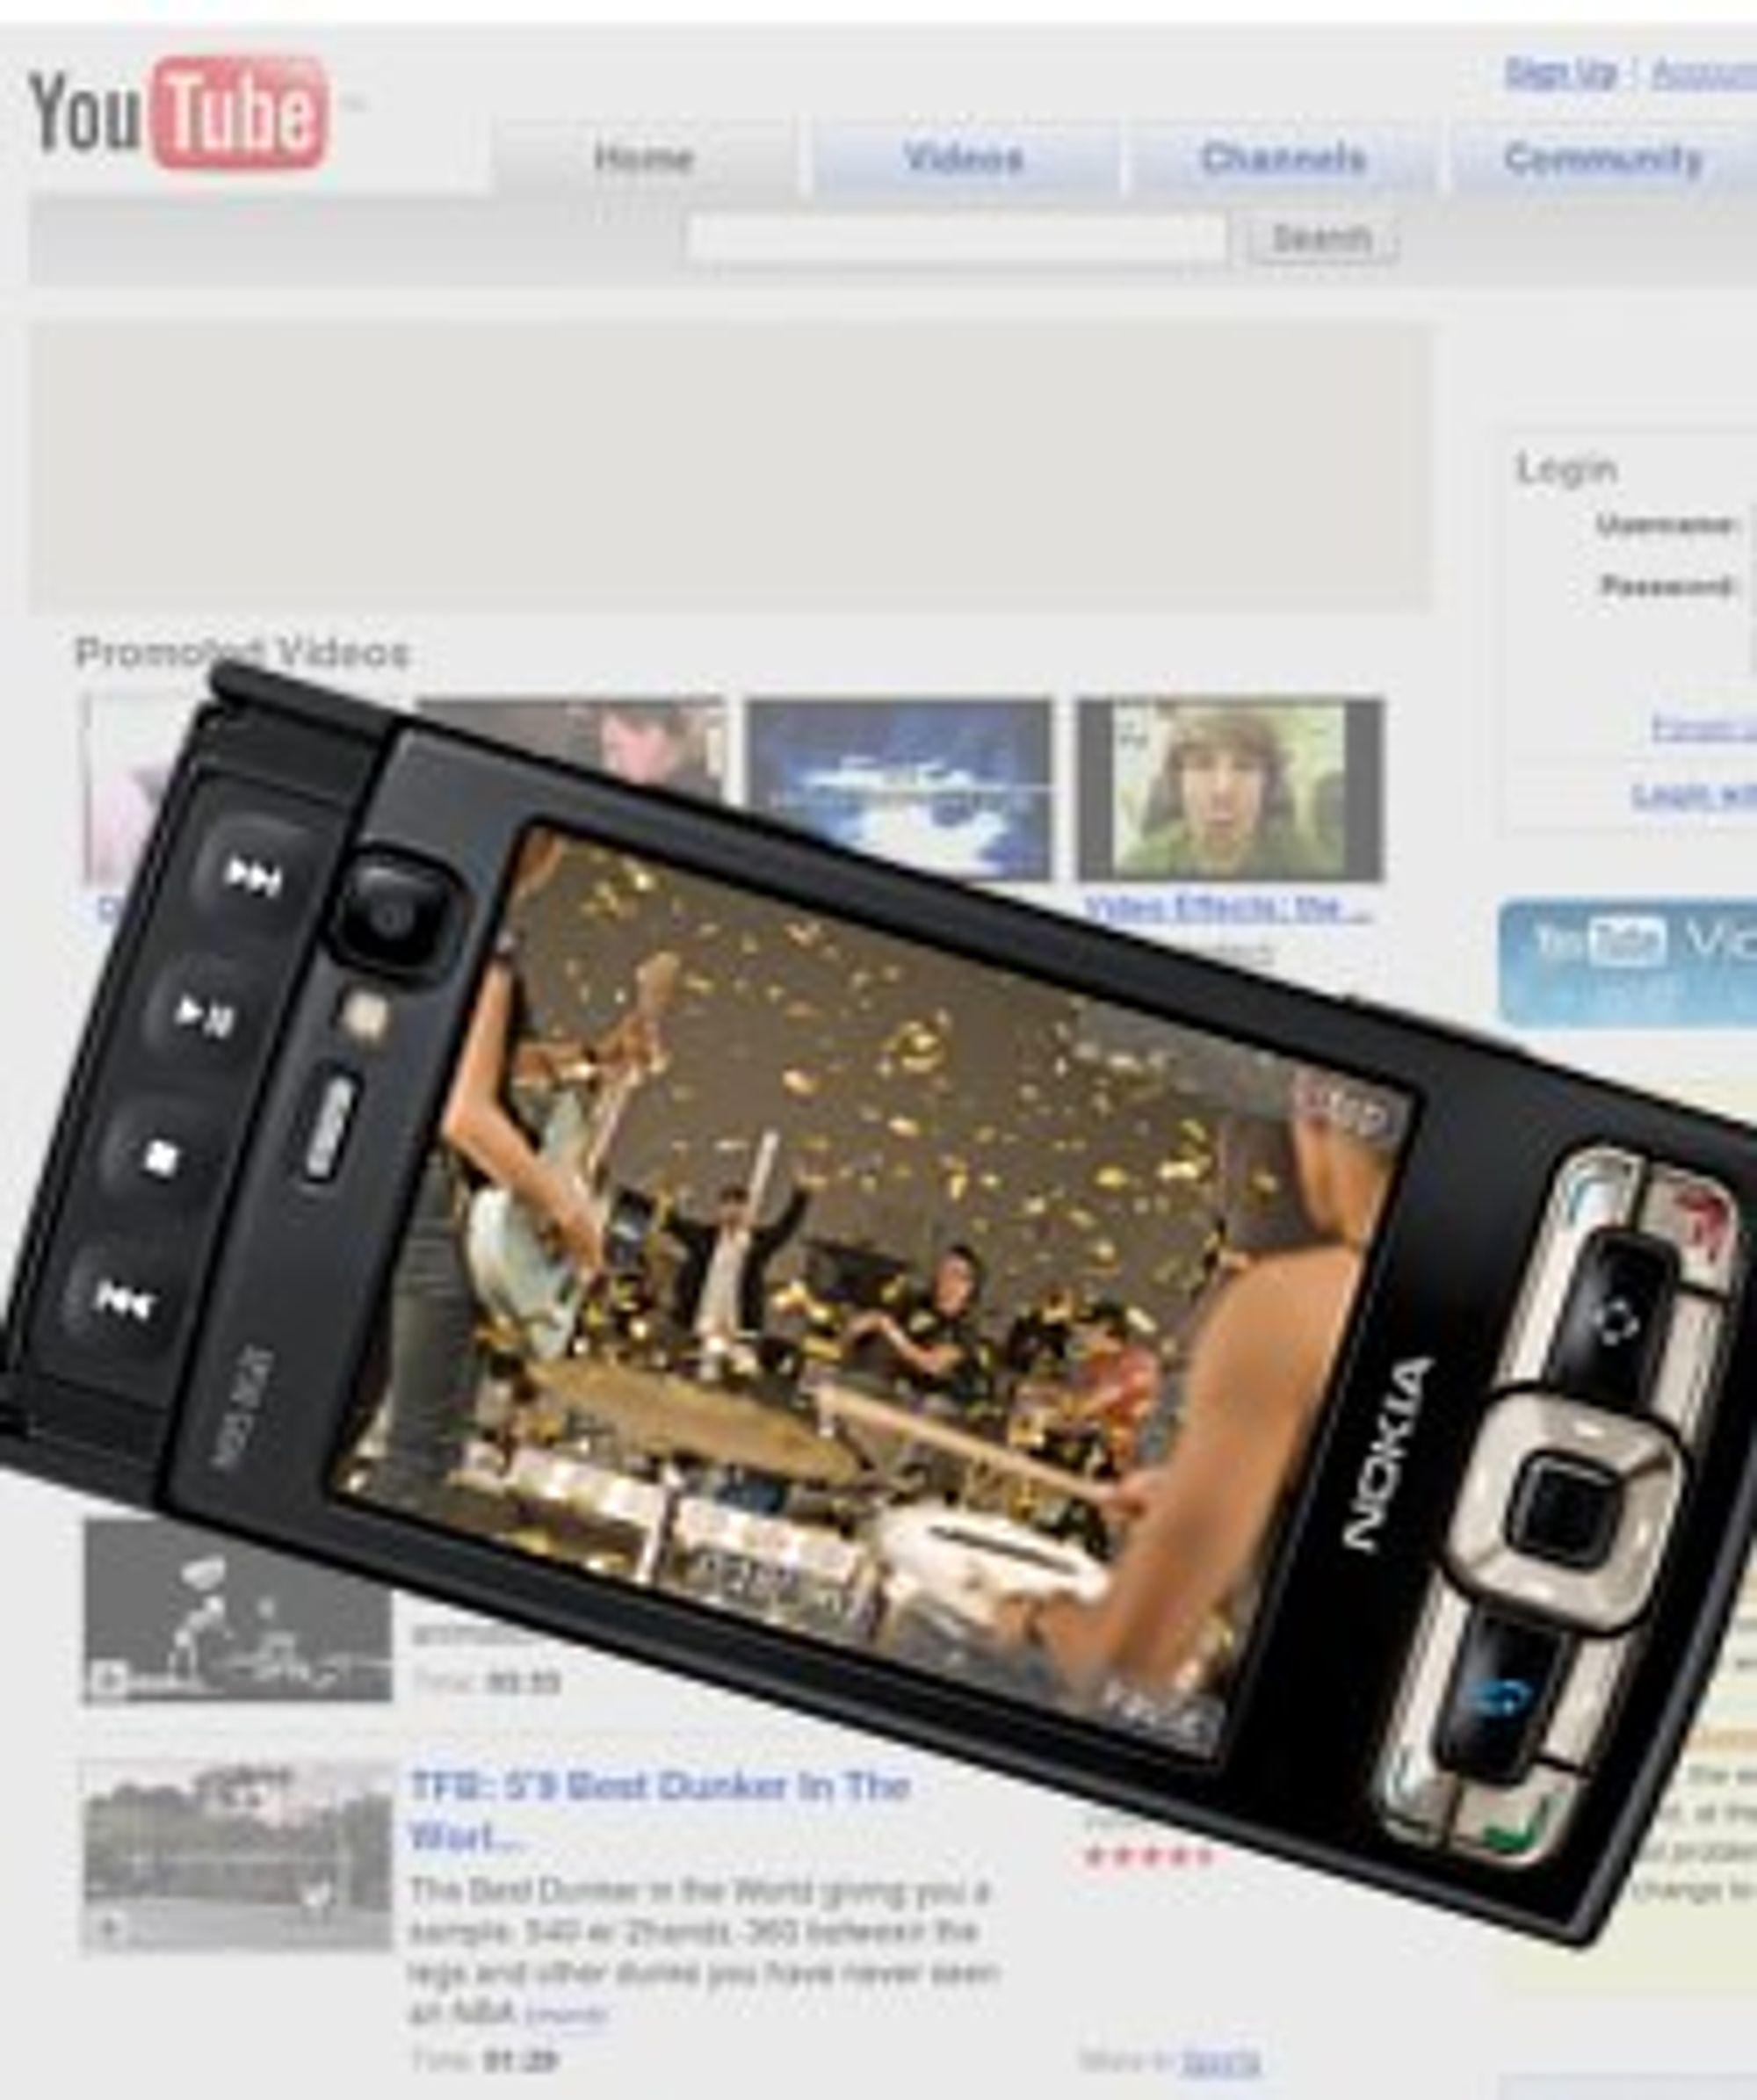 S60-telefoner som Nokia N95 kan endelig vise deg YouTube-videoer. (Illustrasjon: Einar Eriksen)